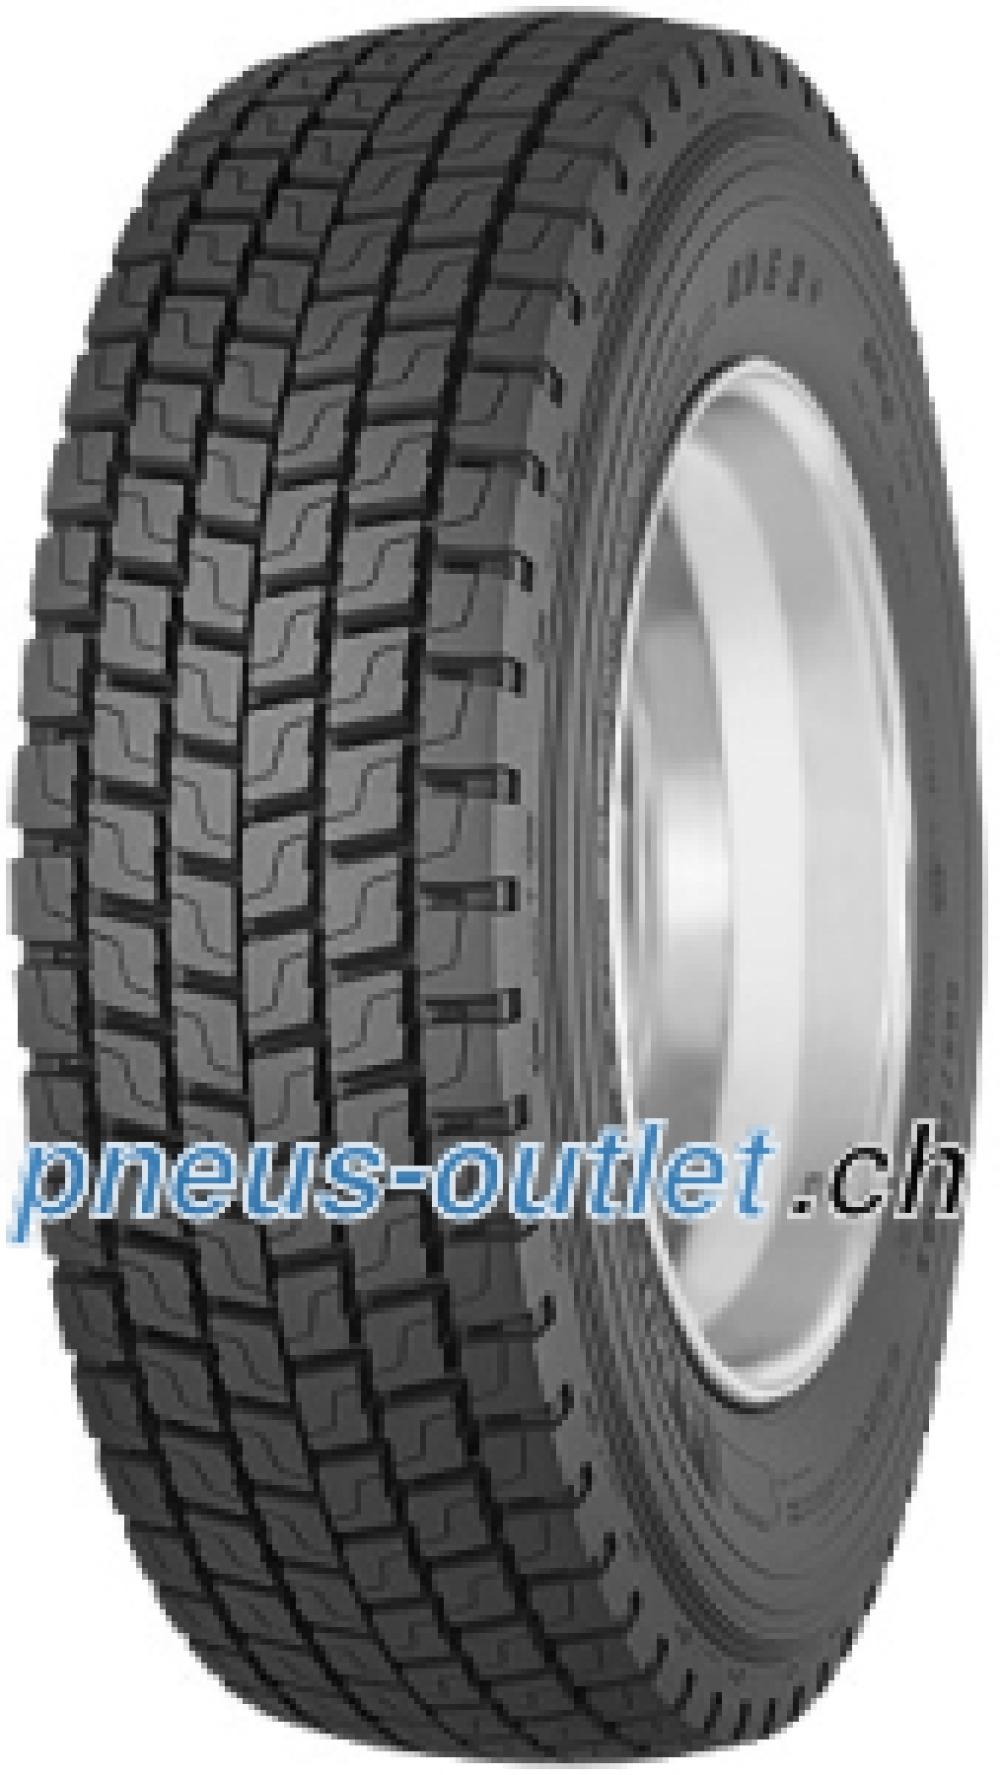 Michelin XDE 2+ ( 315/80 R22.5 156/150L , Double marquage 154/150M )